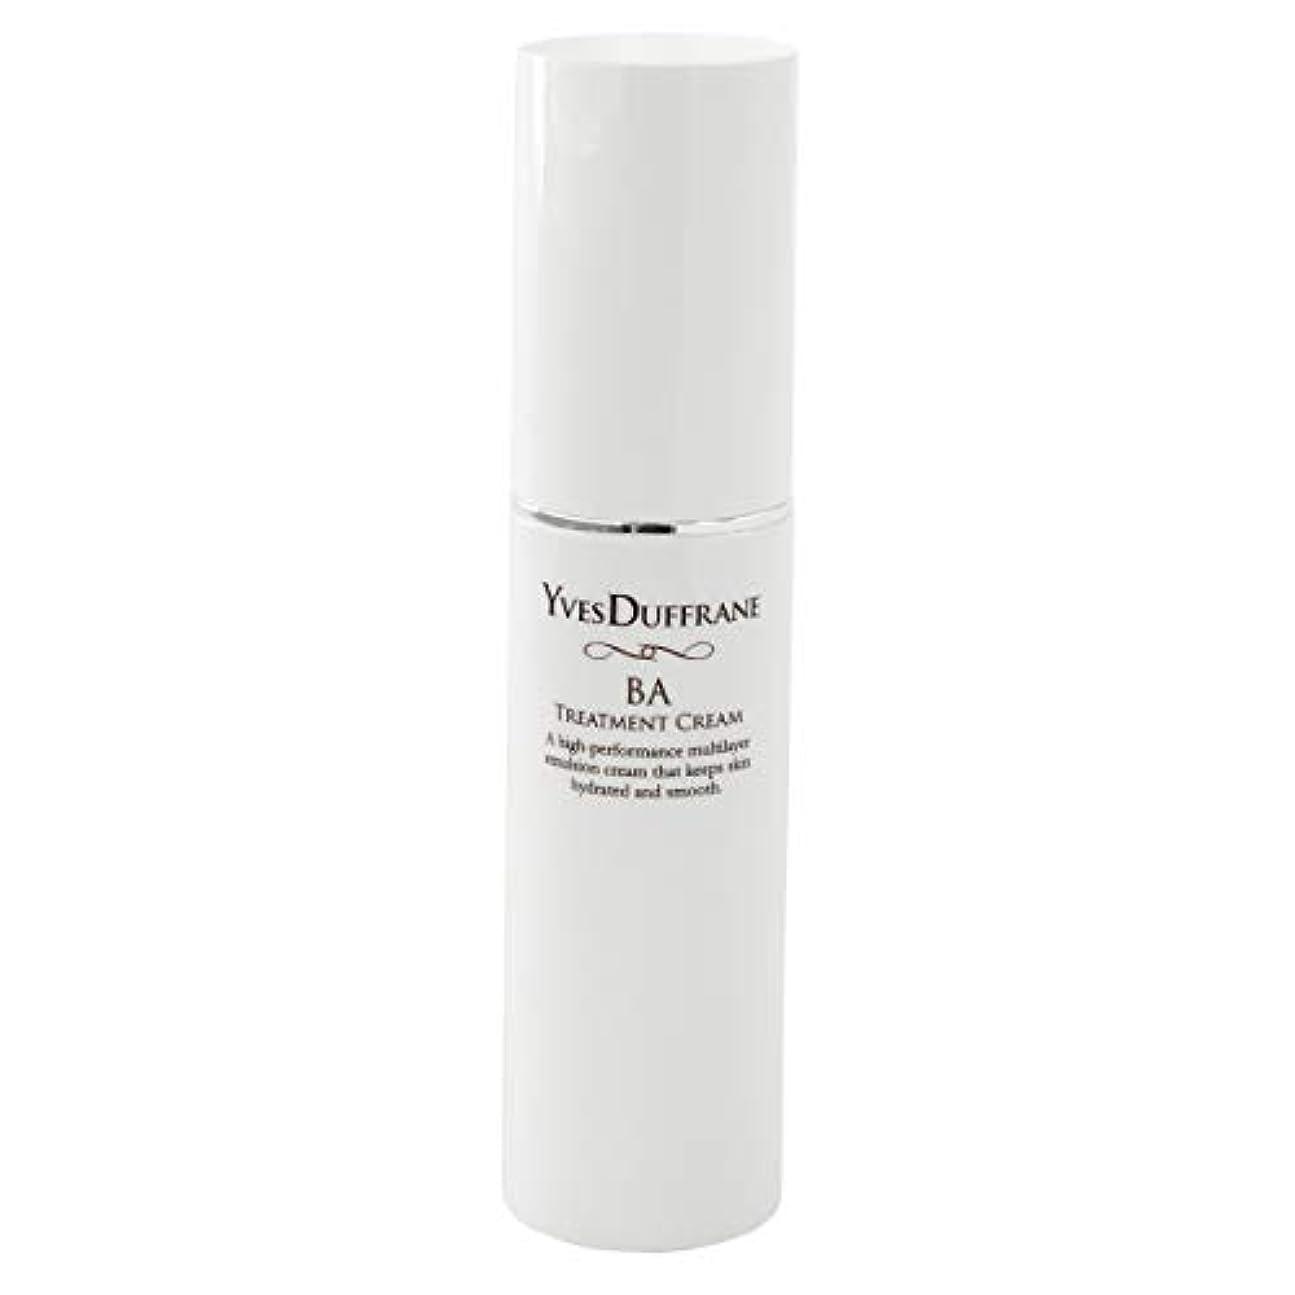 可能にする慣習お茶セラミド 美容クリーム [BAトリートメント クリーム ] 顔 目元 敏感肌 保湿 セラミド ビタミンC誘導体 バイオアンテージ配合